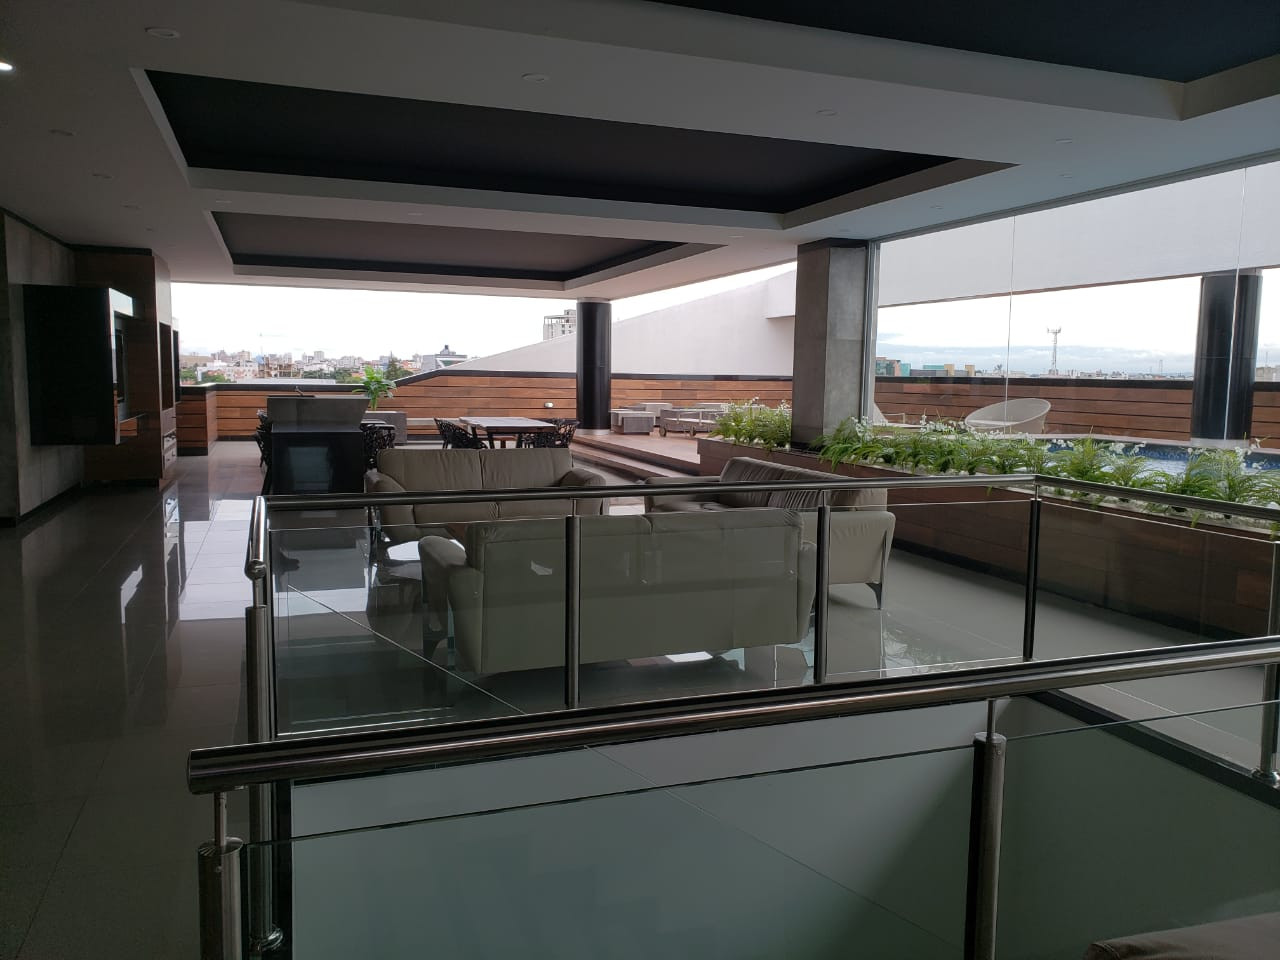 Departamento en Venta Barrio Sirari, Calle Los Pinos, Condominio SKY DESIGN Foto 9